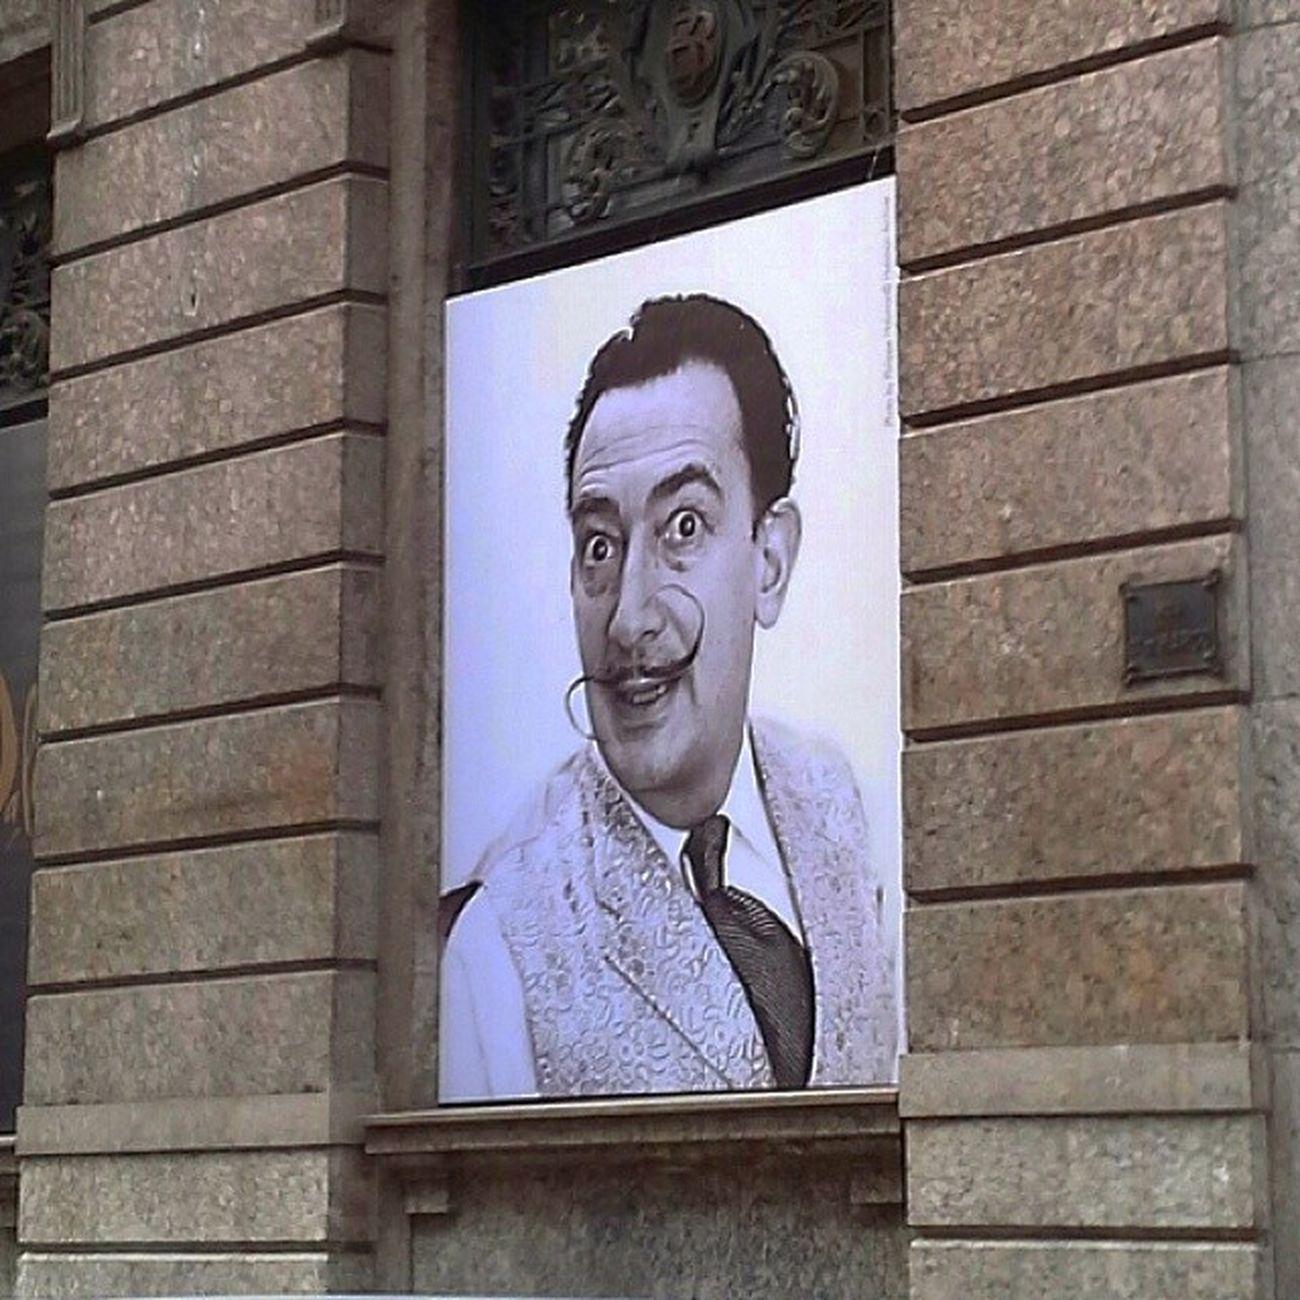 Mostra Salvador Dali CCBB  Riodejaneiro Salvadordali Dalí 021 A exposição apresenta cerca de 150 obras do artista, entre pinturas, gravuras, documentos, fotografias e ilustrações. A mostra abrange as diversas fases criativas do pintor, com ênfase no período surrealista, que o consagrou e no qual refletiu seu imaginário singular. brazil lol brasil art artista bancodobrasil entaovamos @registrocarioca @breakingbrazil